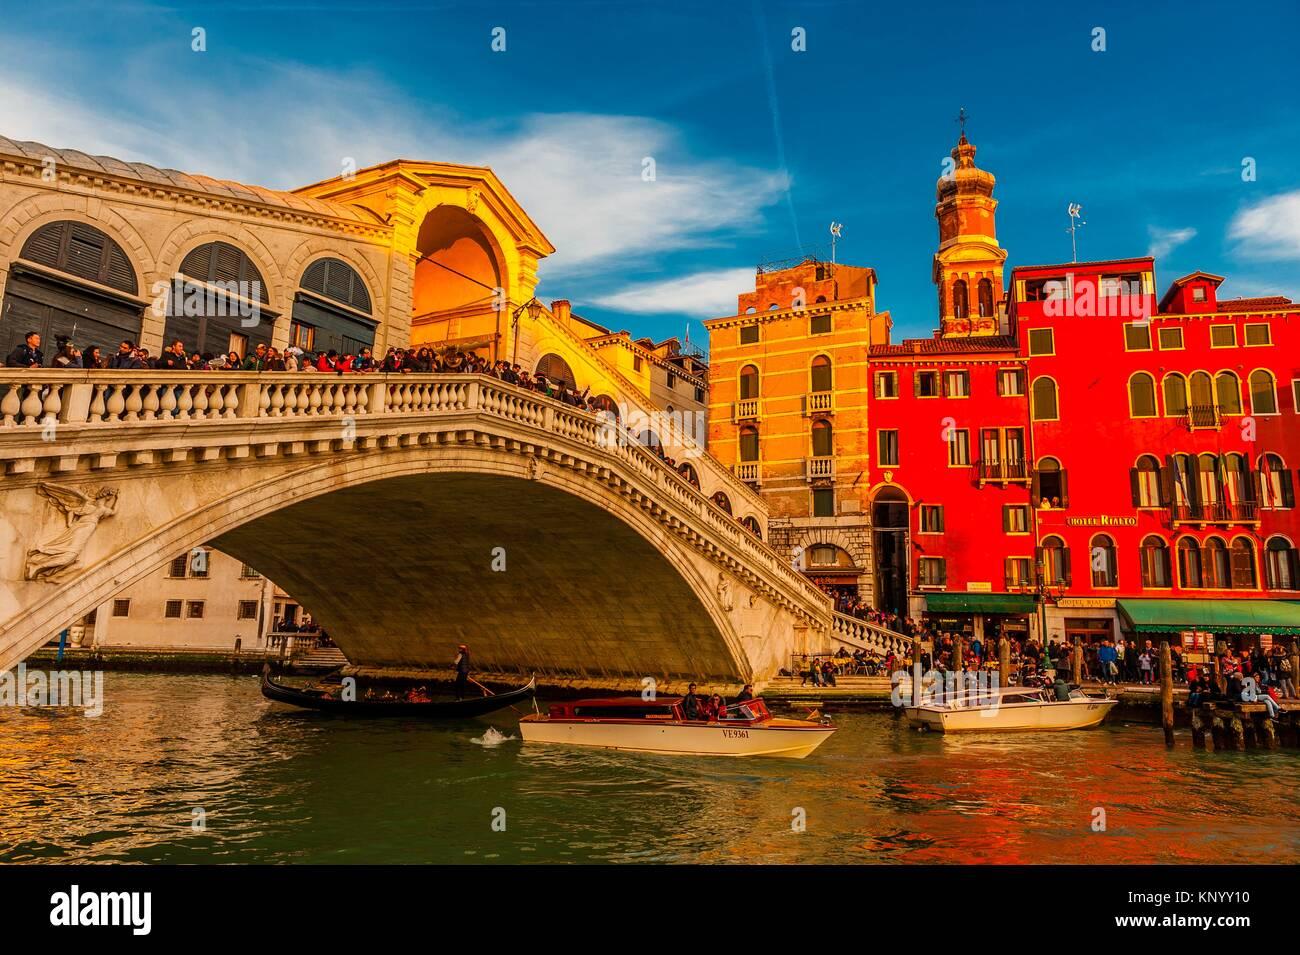 Les gondoles, le Pont du Rialto, le Grand Canal, Venise, Italie. Photo Stock